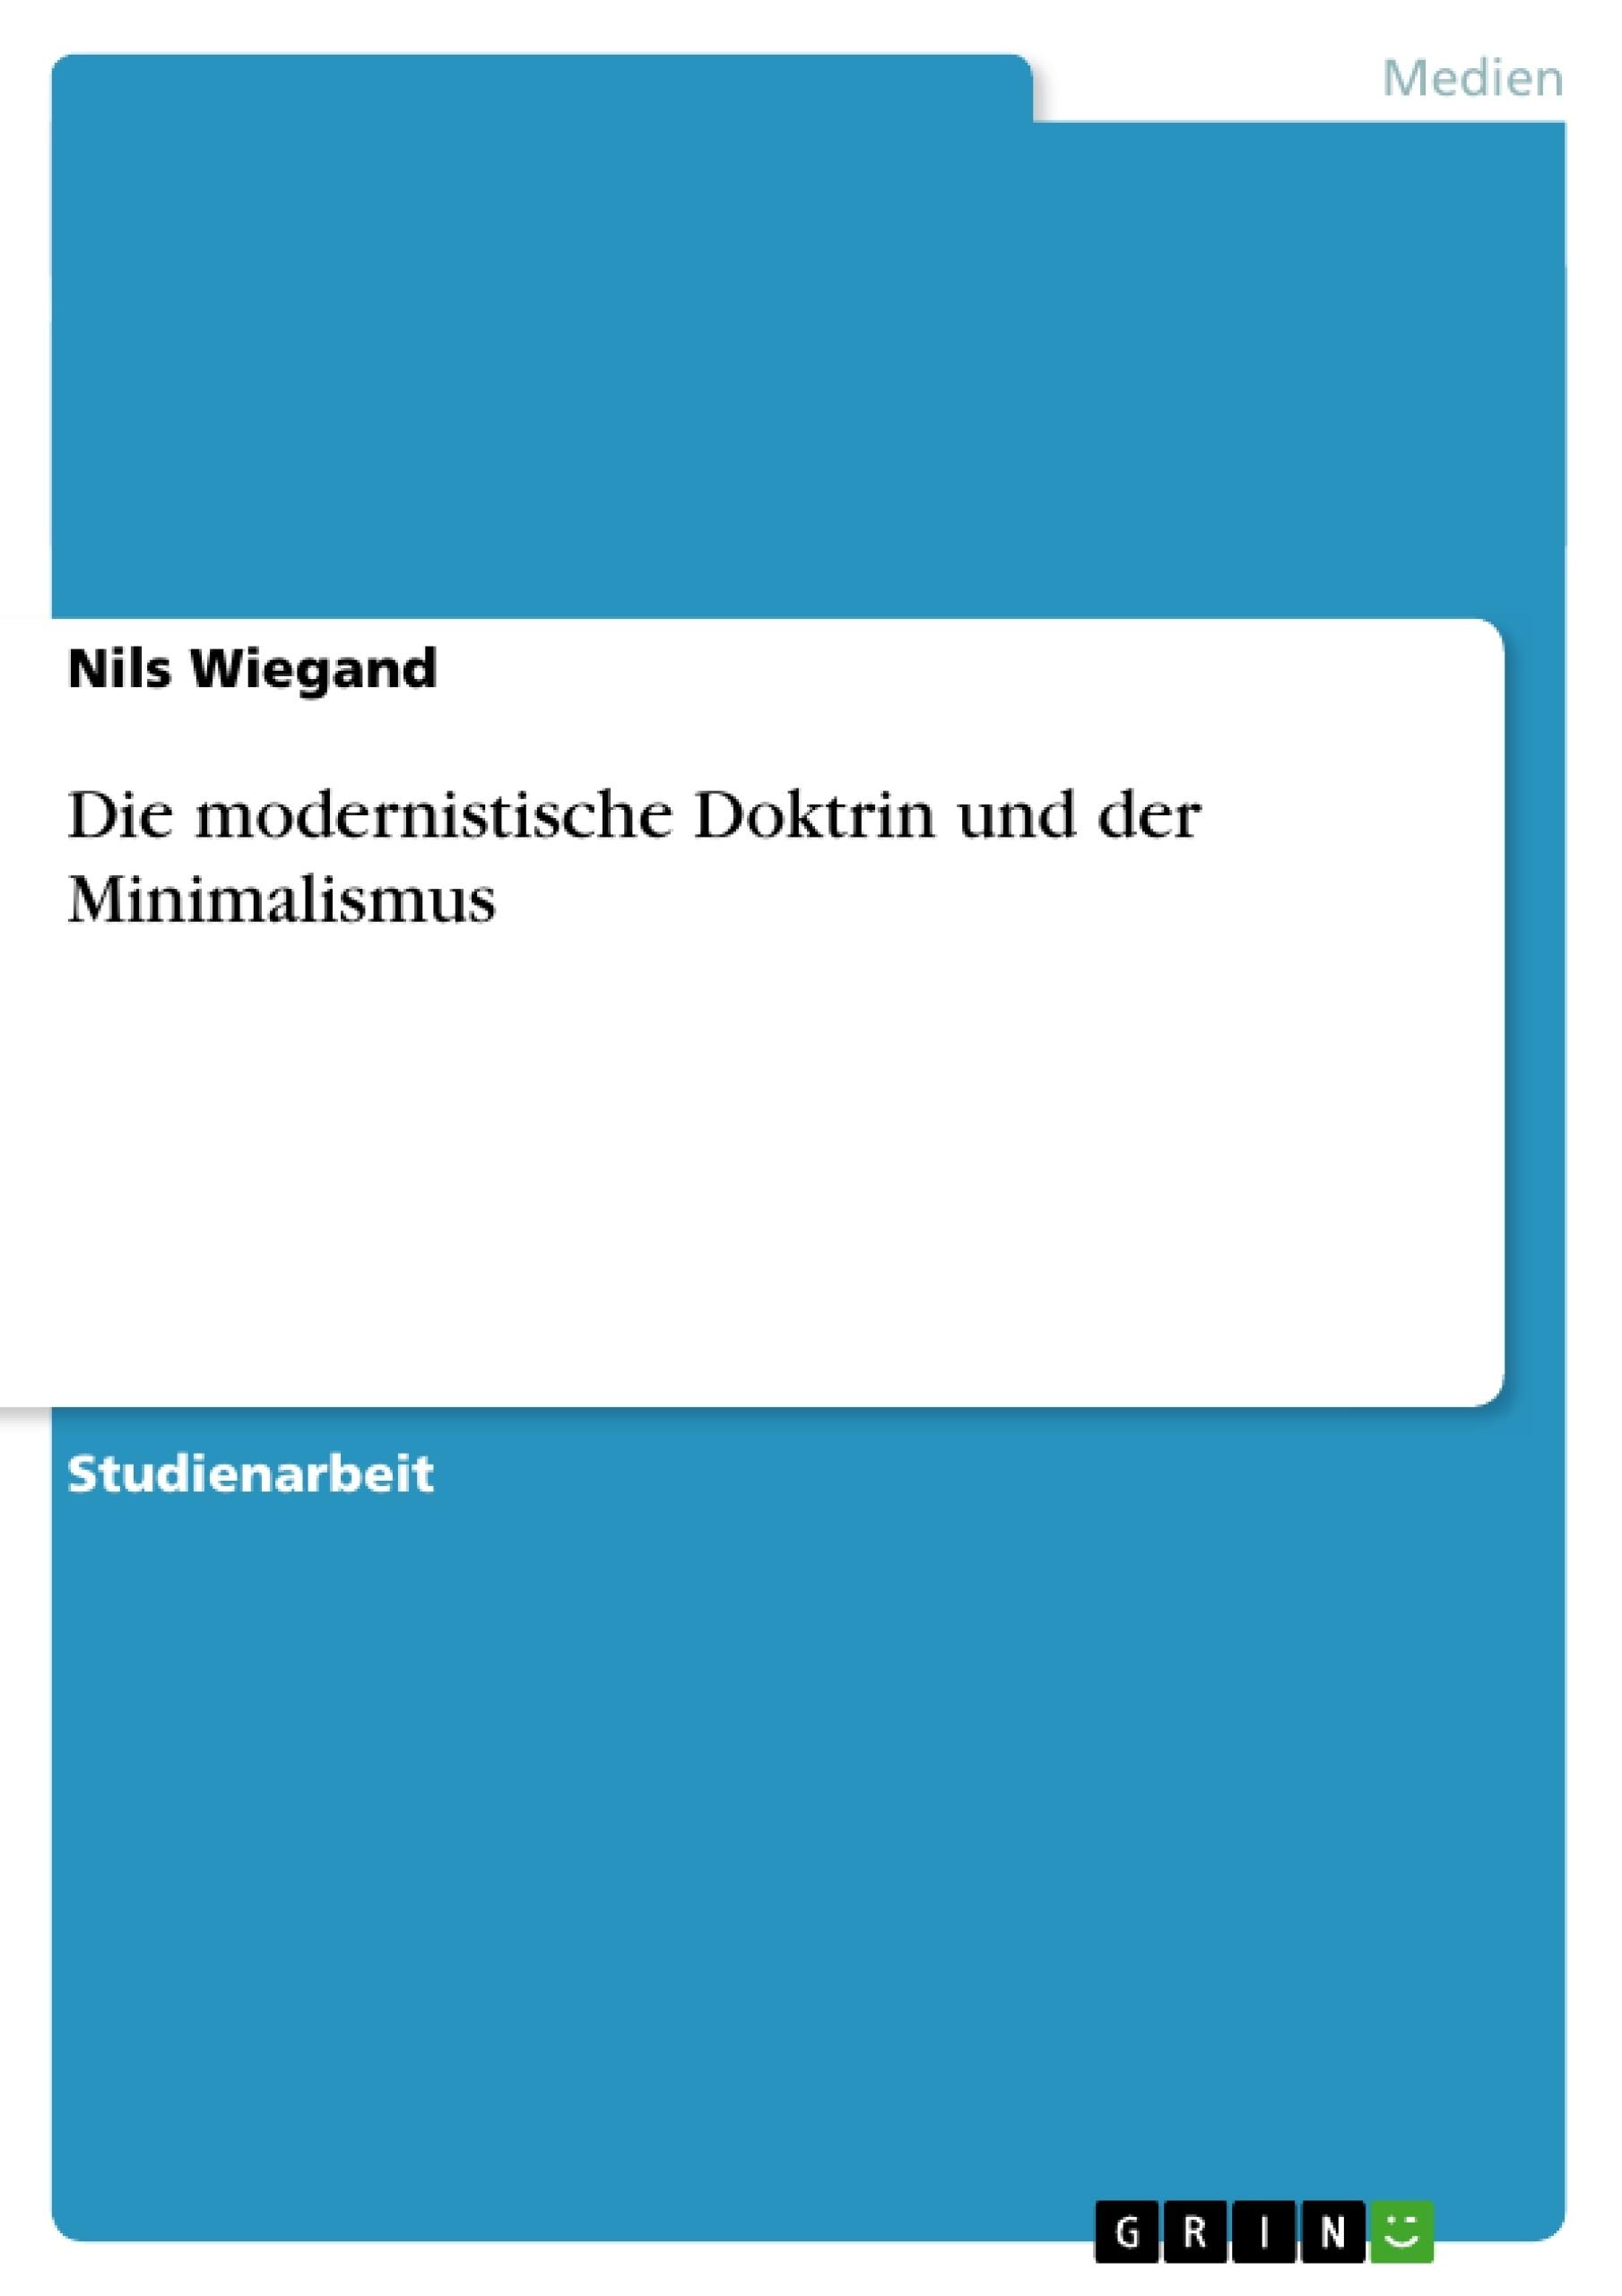 Die modernistische doktrin und der minimalismus for Minimalismus hausarbeit